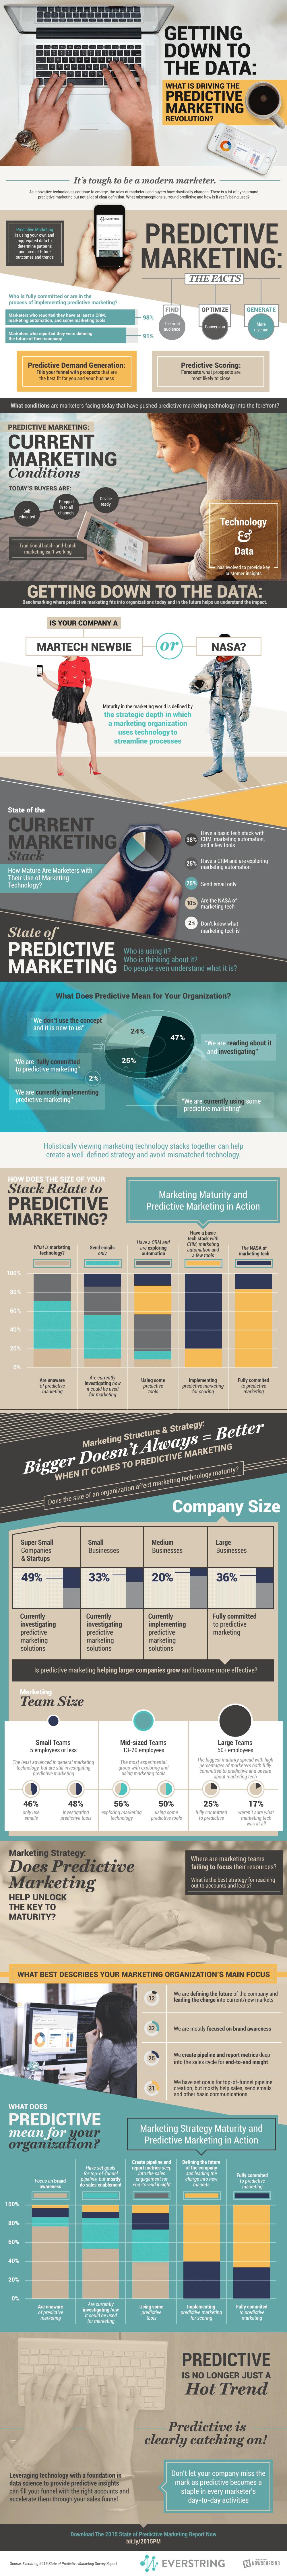 Инфографика, разясняваща същността на понятието предиктивен маркетинг (predictive marketing)